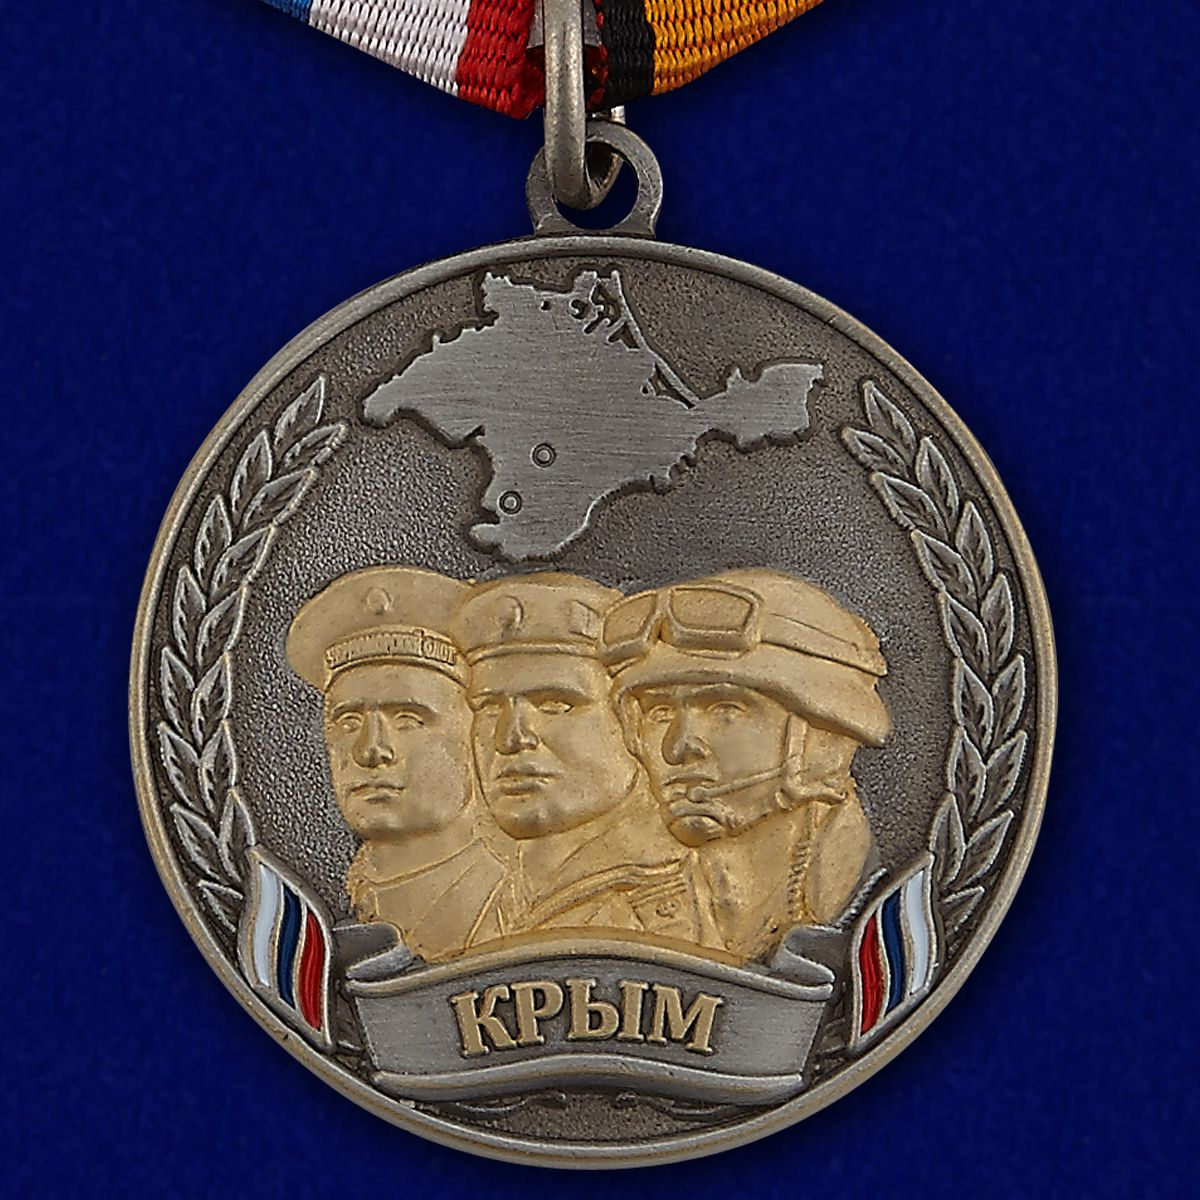 """Купить медаль """"Боевое братство Крыма"""" в наградном подарочном футляре"""